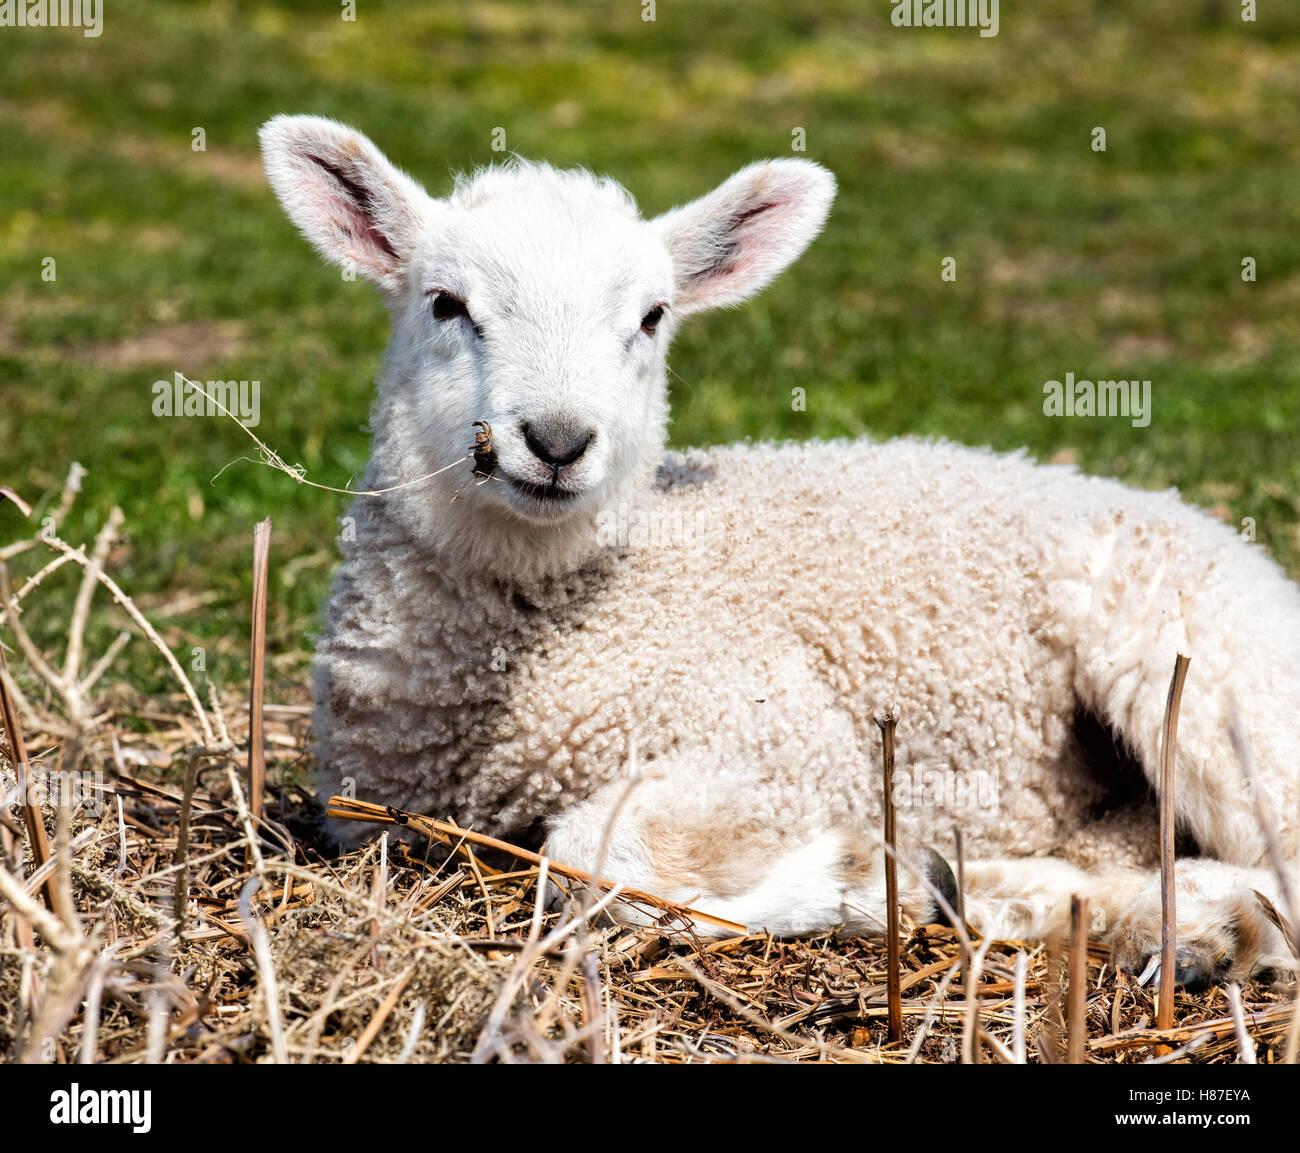 Cordero relajado en el sol y masticar hierba seca Imagen De Stock